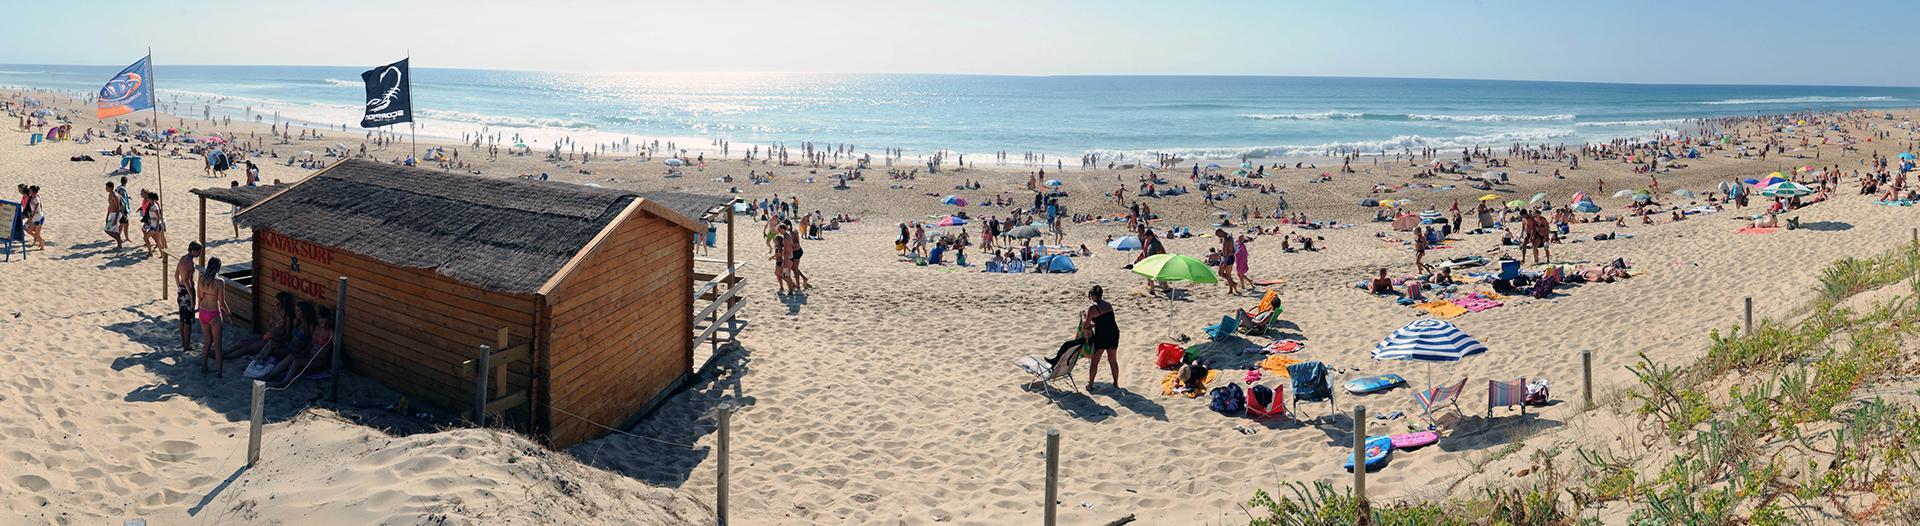 Camping vieux port mobil home messanges 40660 - Camping le vieux port plage sud 40660 messanges france ...